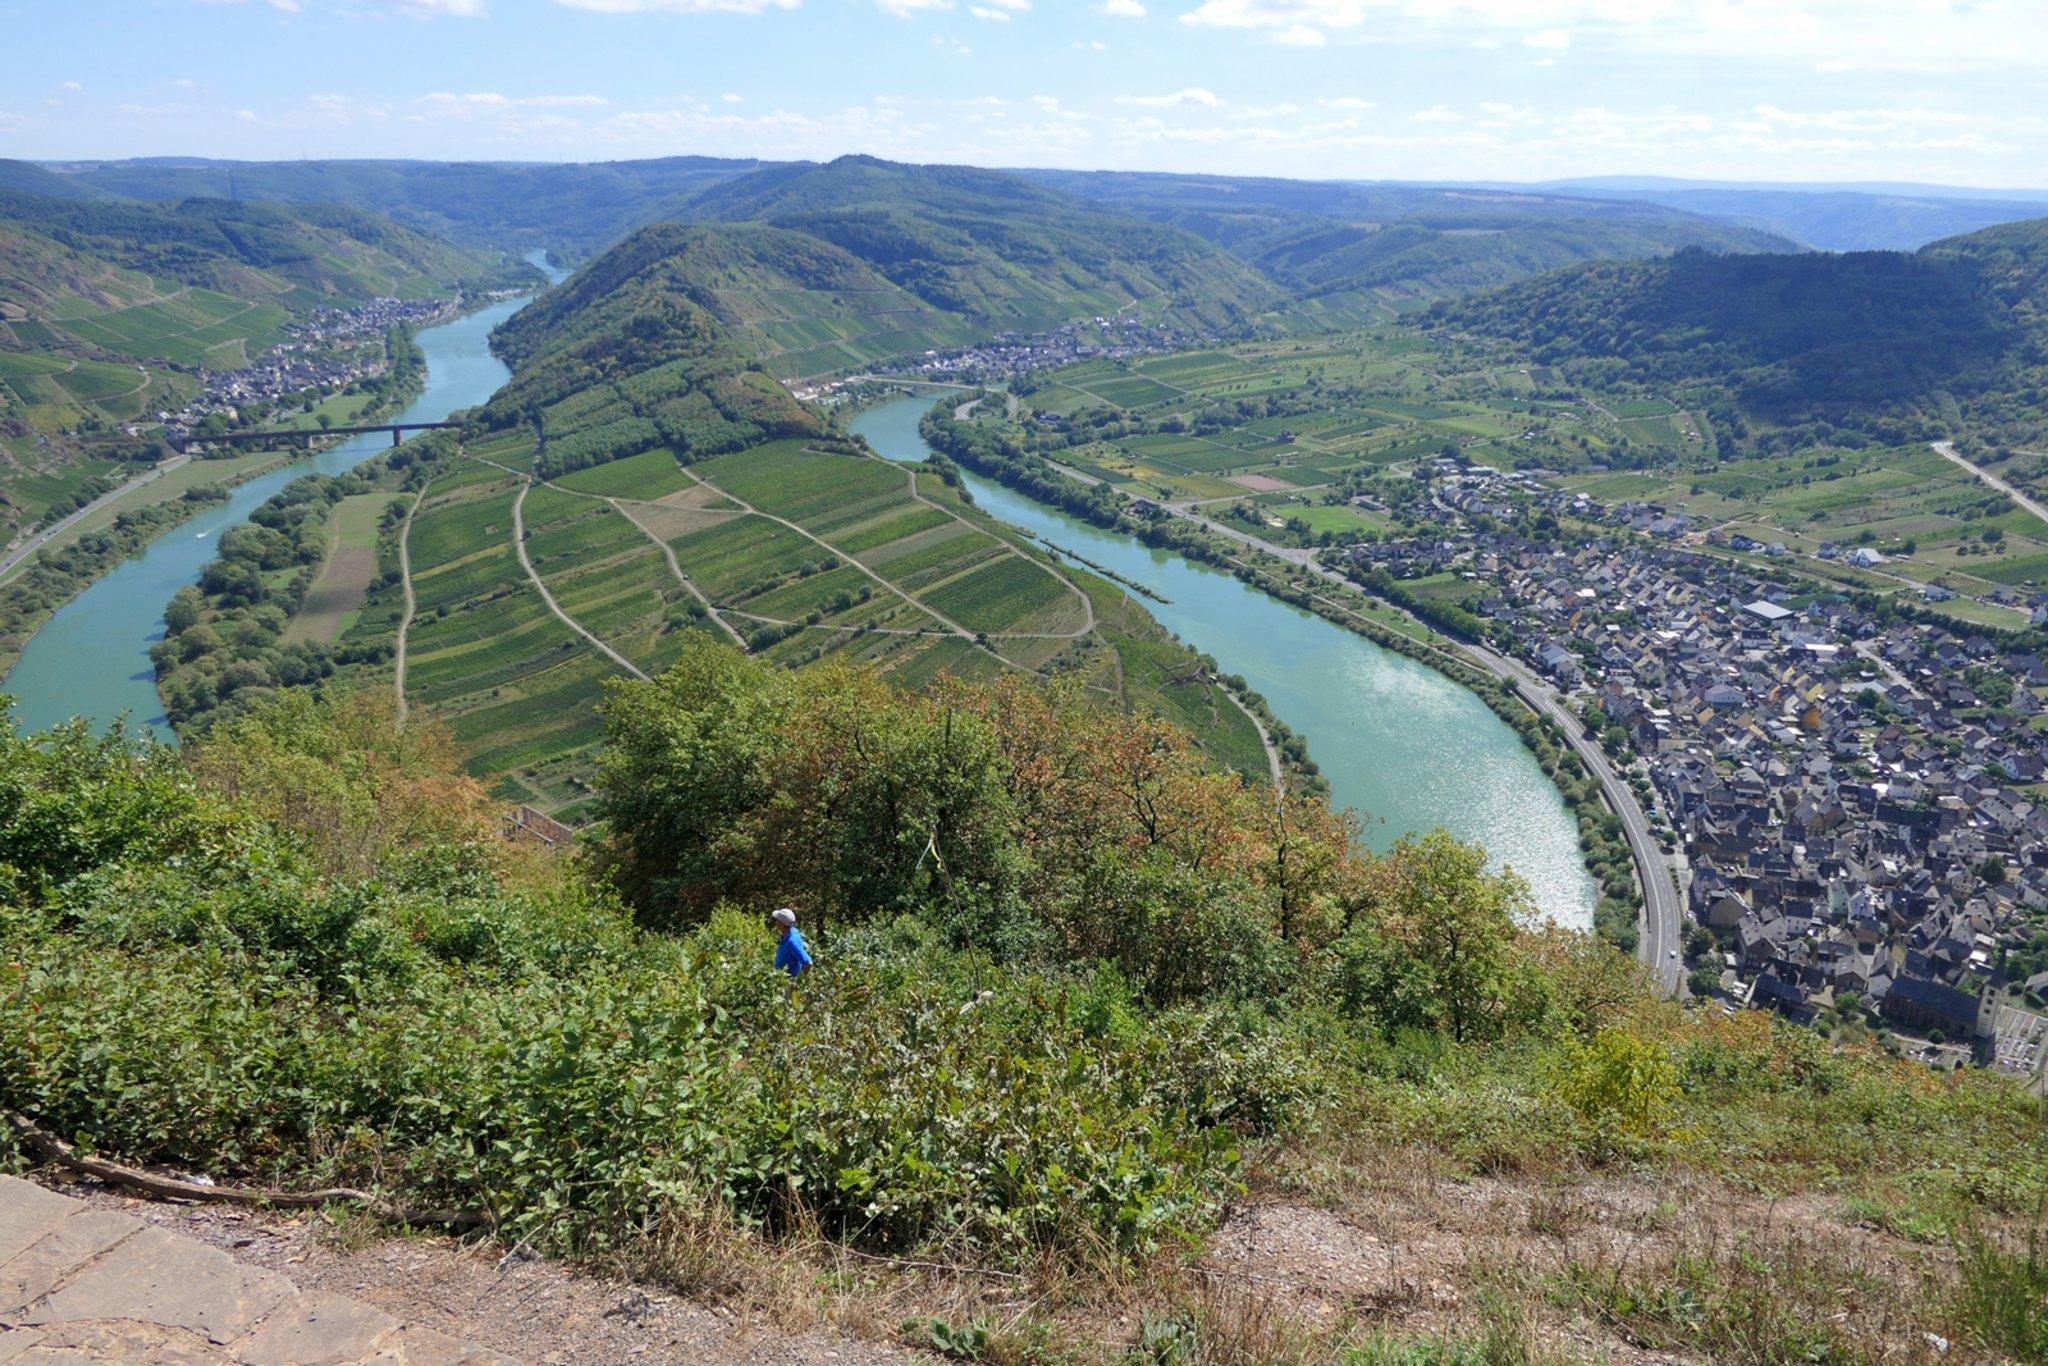 Klettersteig Duisburg : Klettern stadt duisburg